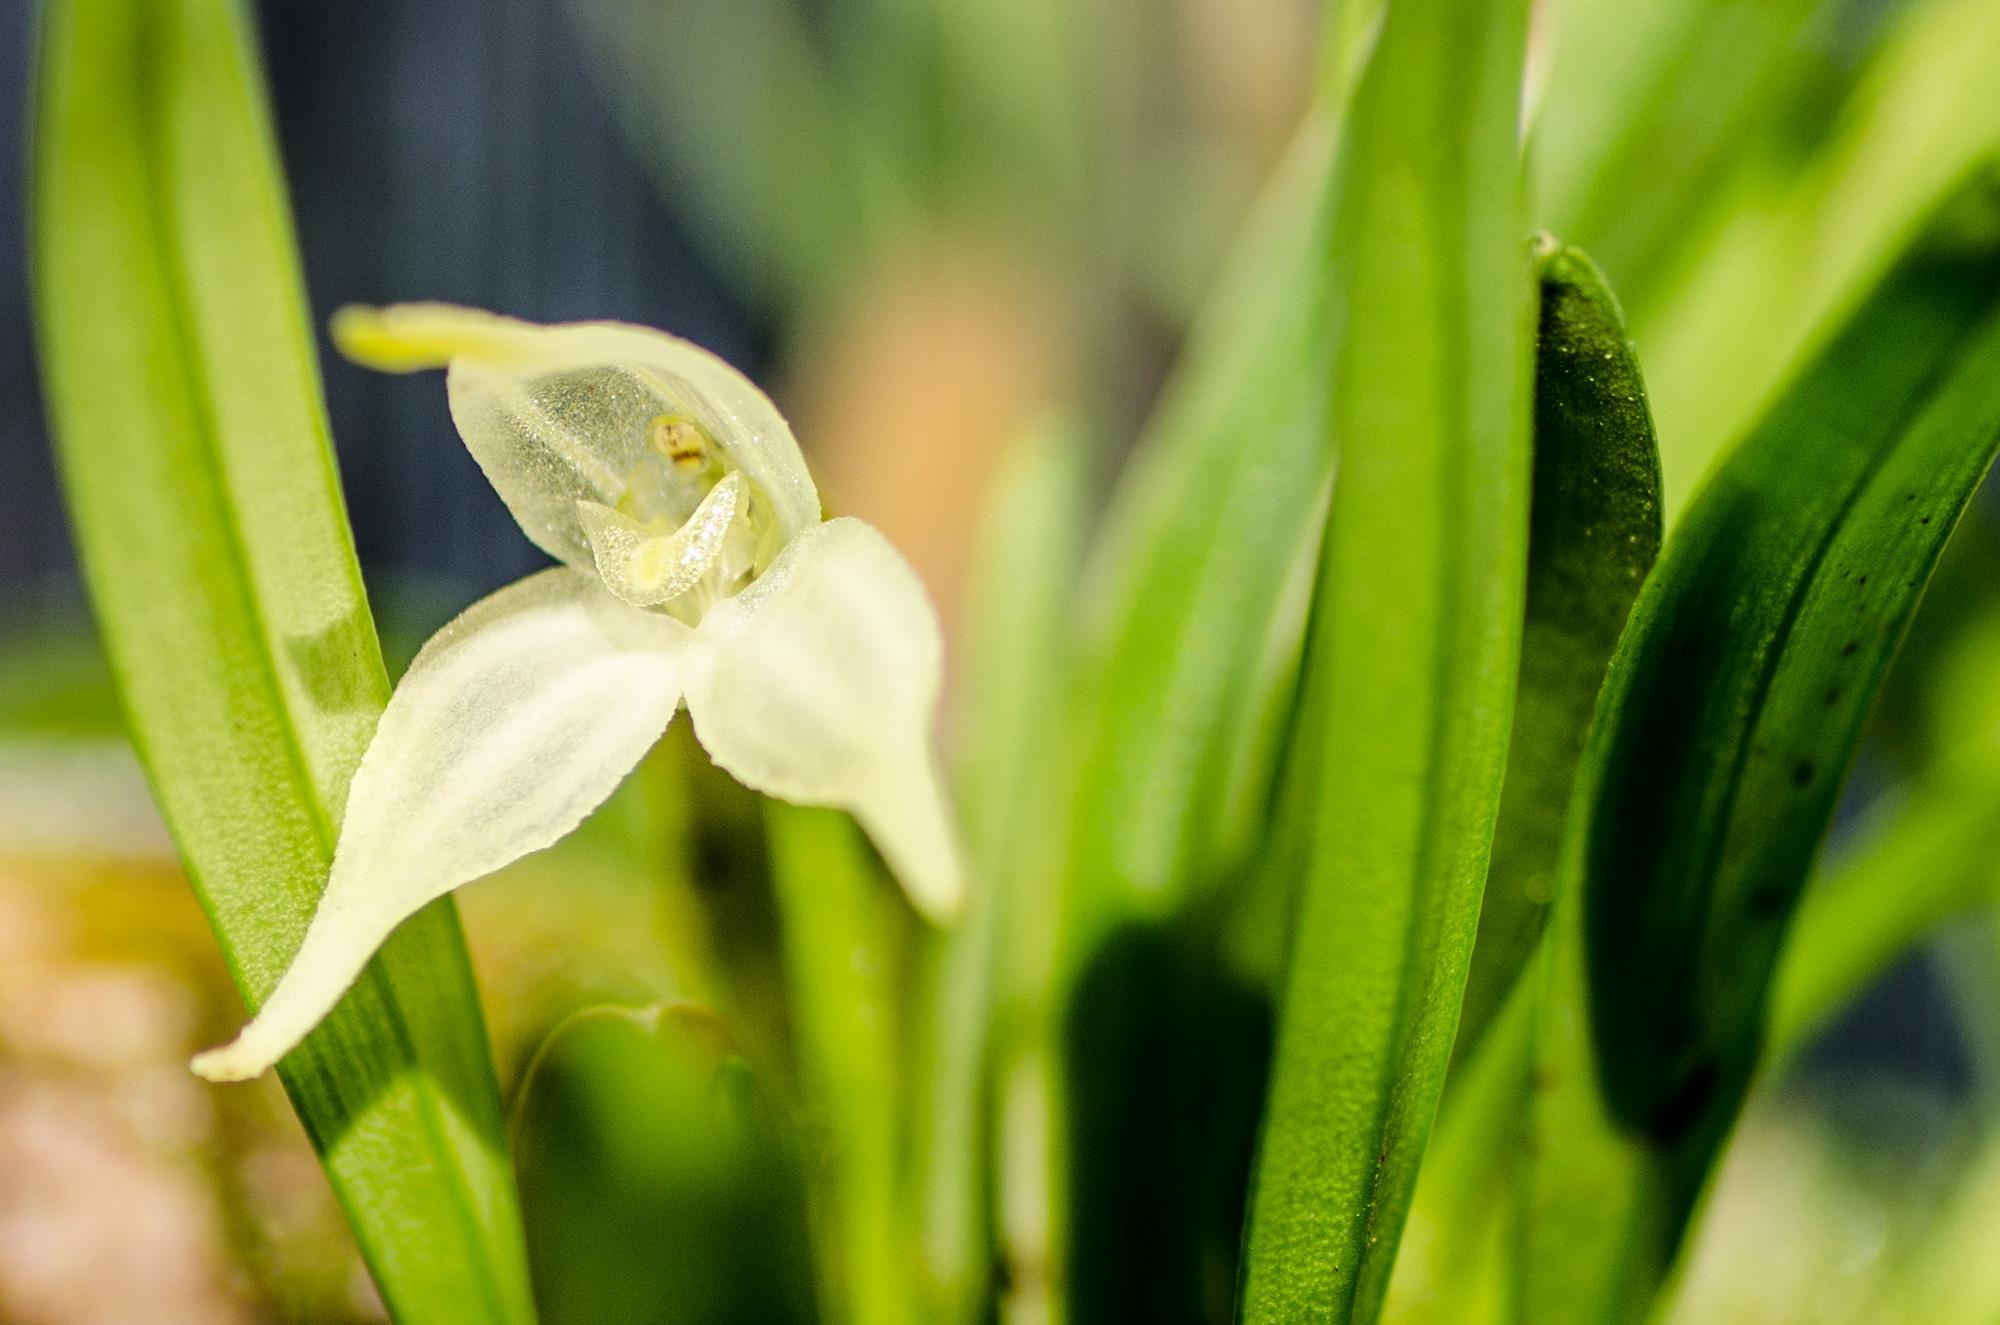 Diodonopsis-pygmaea